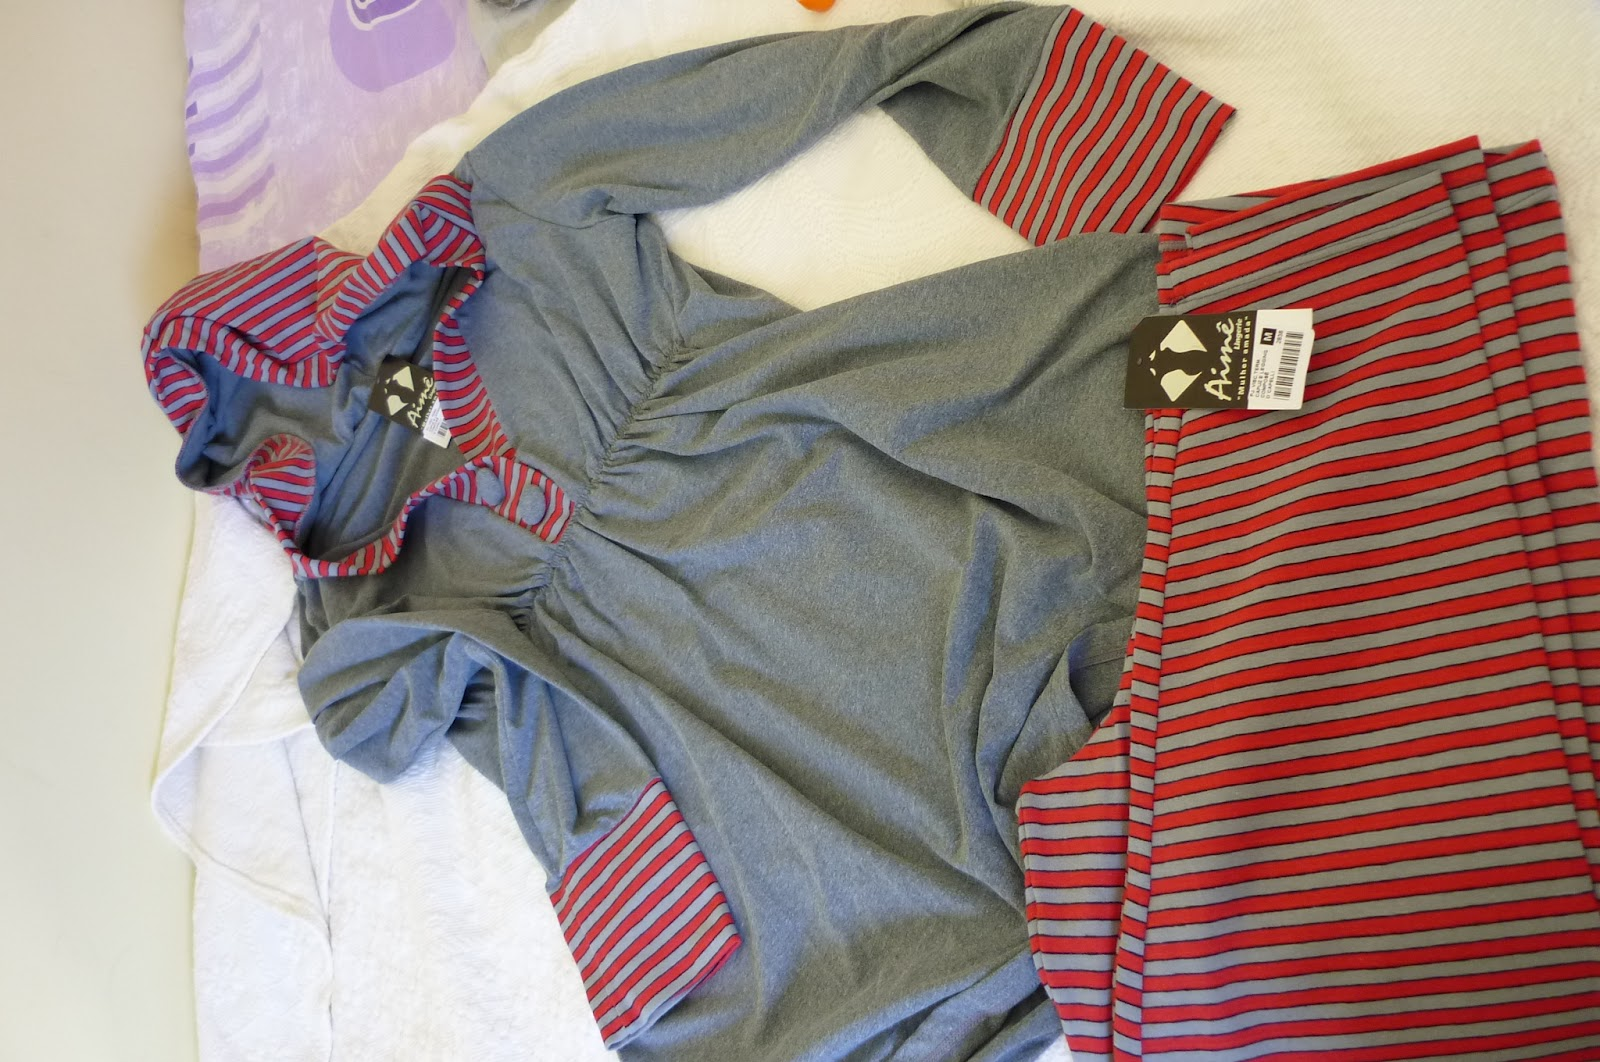 d5bd0a177 Pijamas aime – Roupa de banho